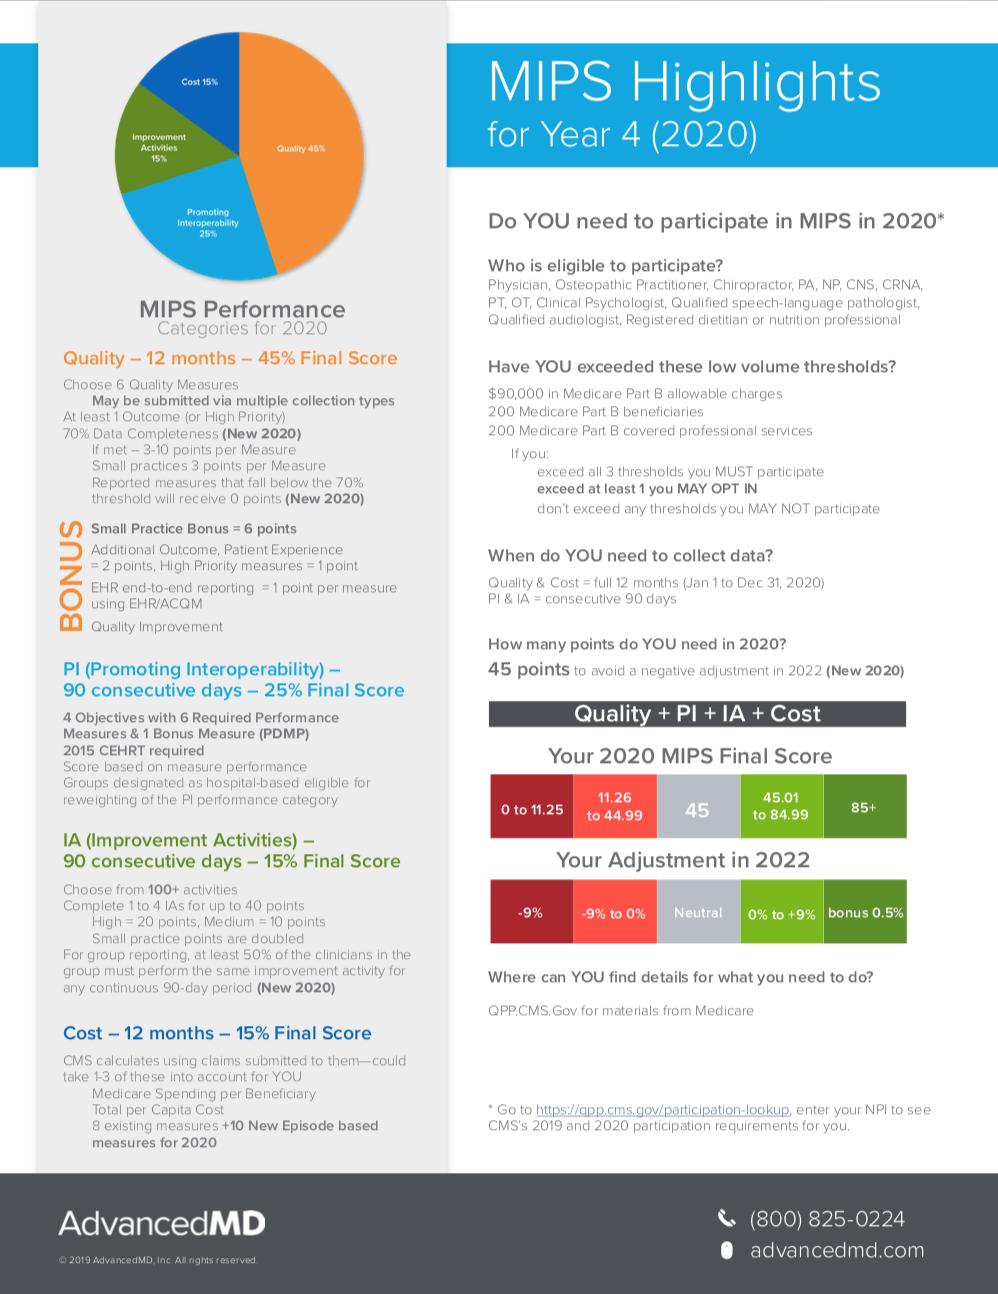 AdvancedMD | MIPs Highlights 2020